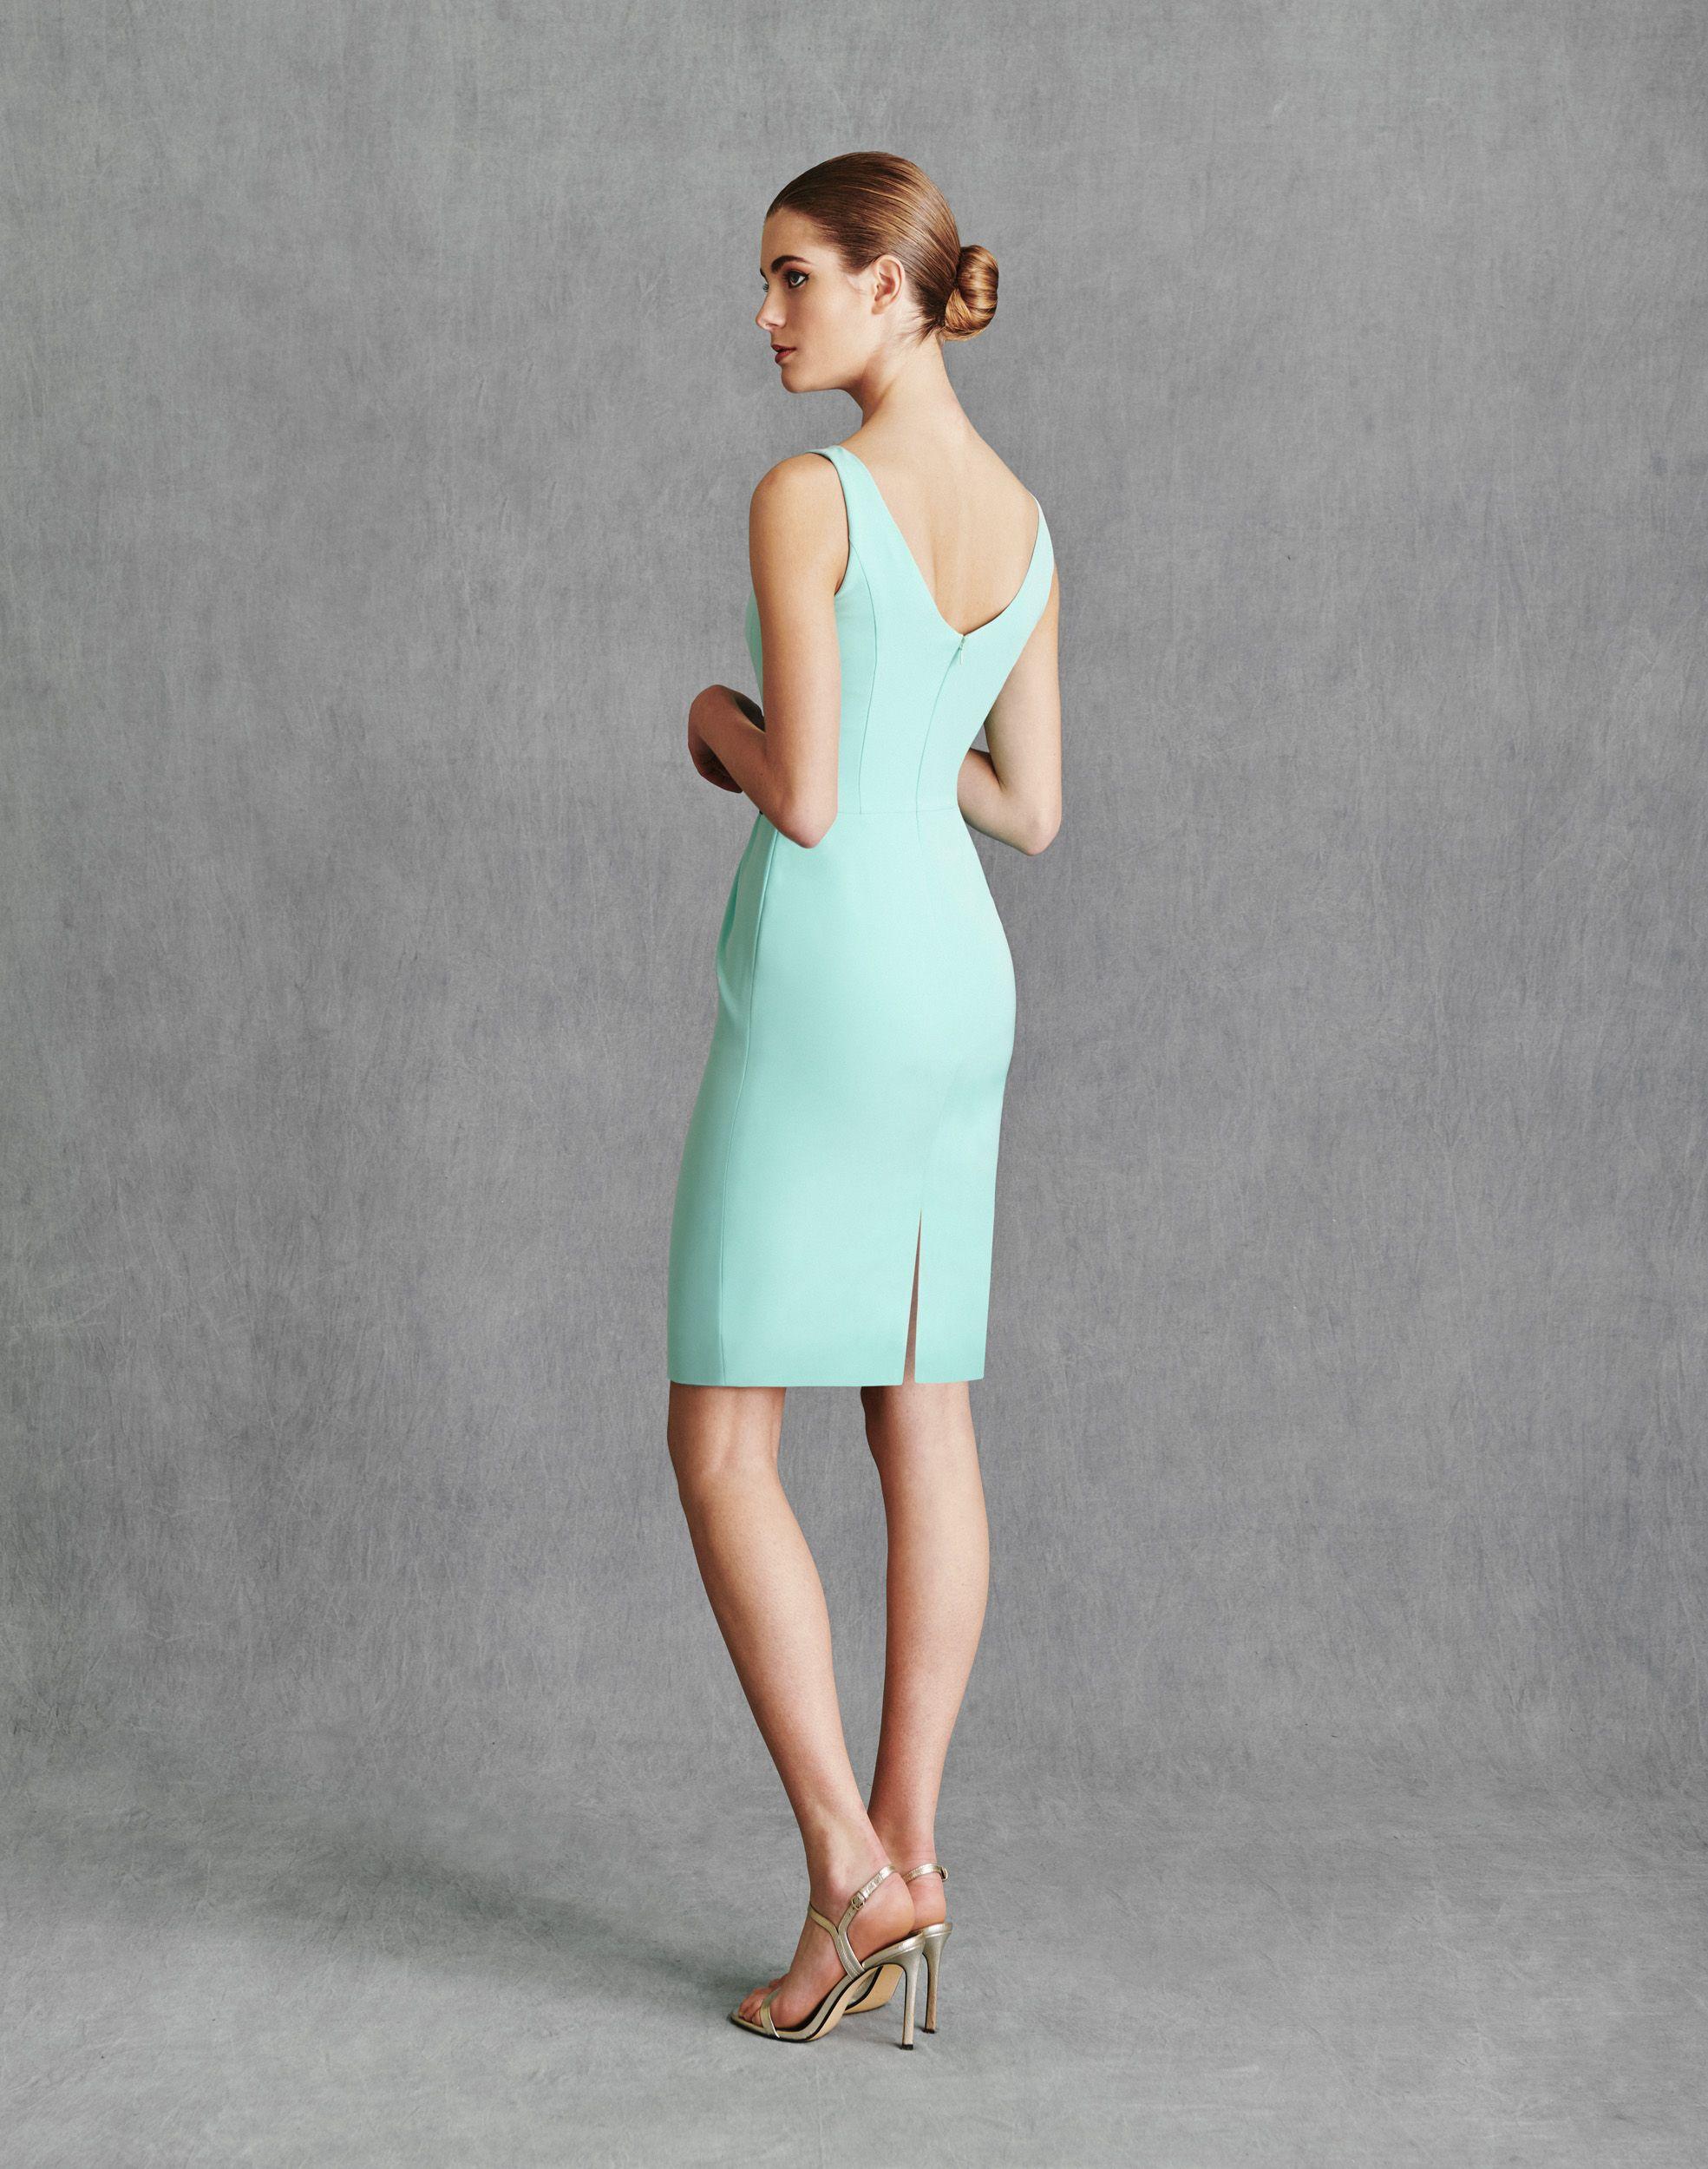 Vestidos de Fiesta 2020 - Silvia Fernandez Atelier - INDIANAPOLIS - detrás